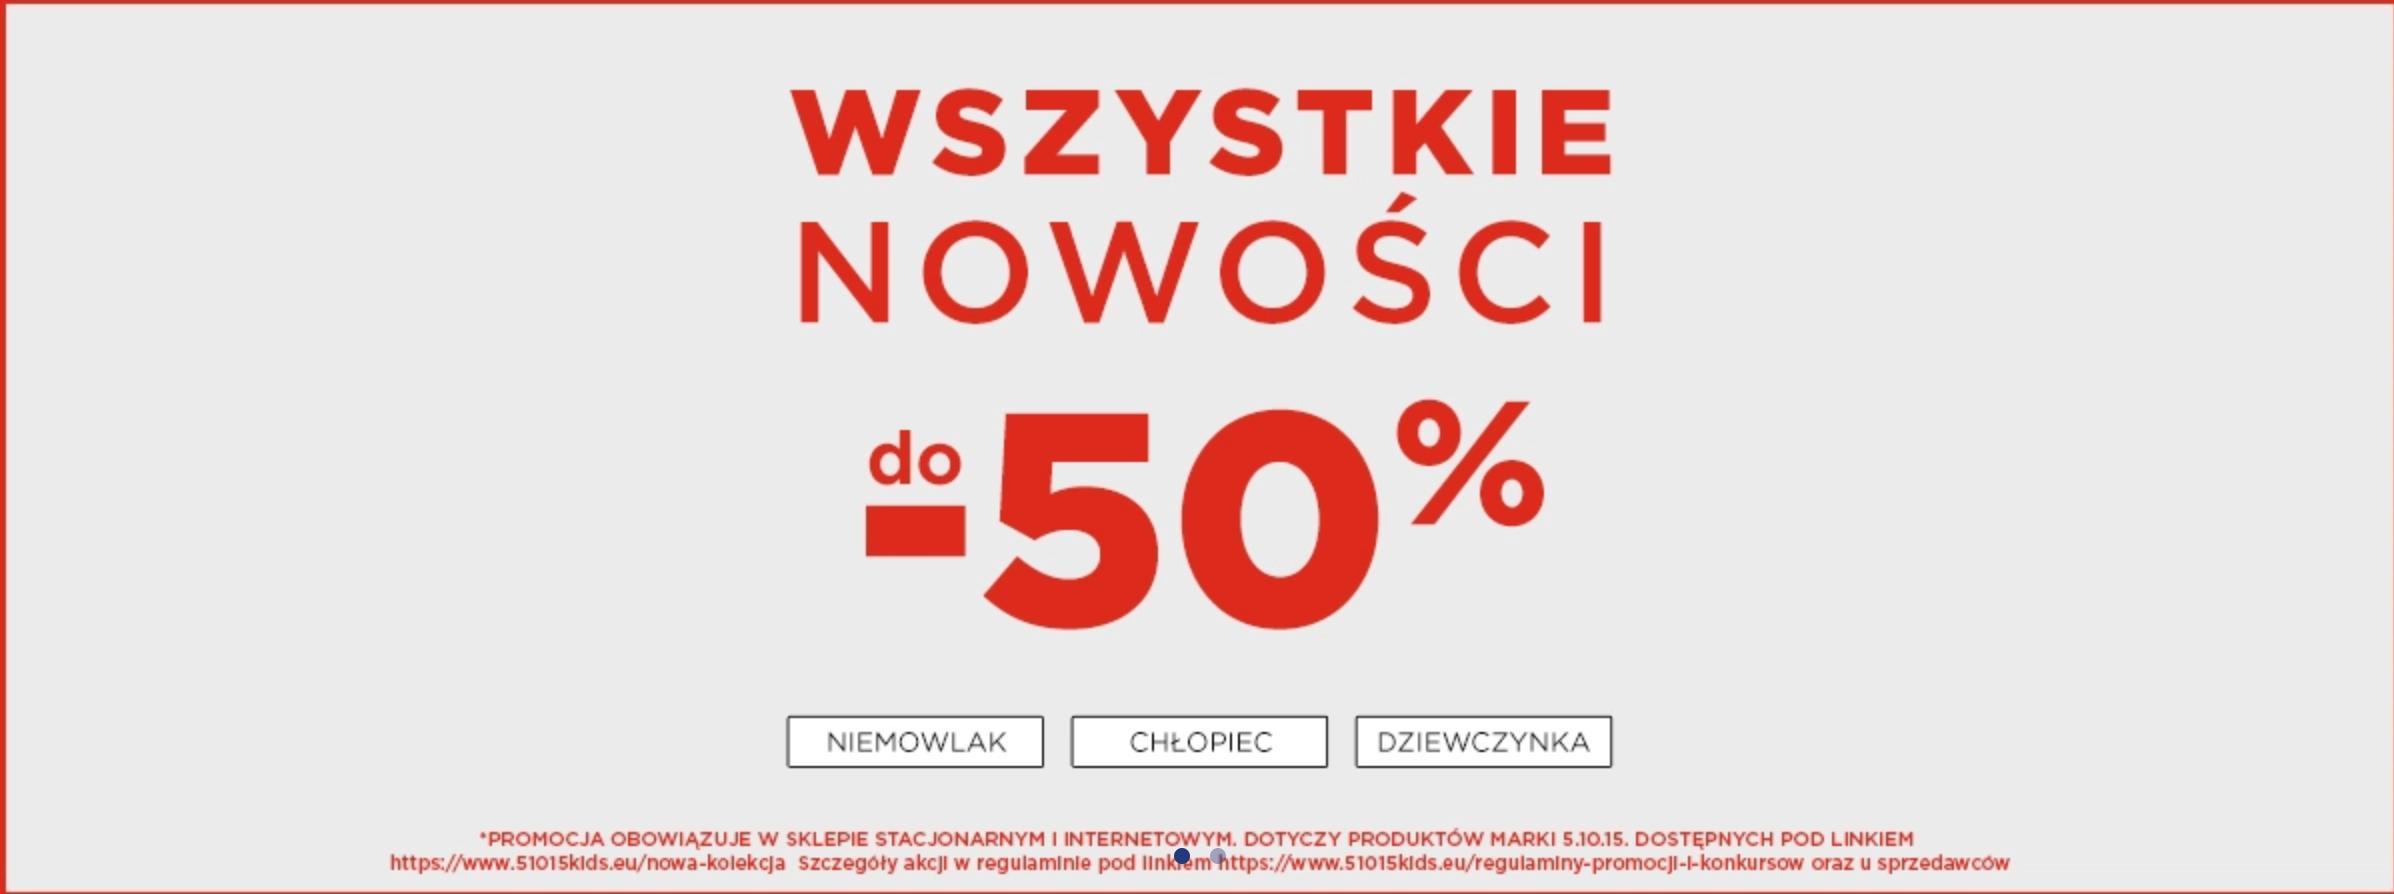 5.10.15. 5.10.15.: do 50% rabatu na odzież dziecięcą z nowej kolekcji